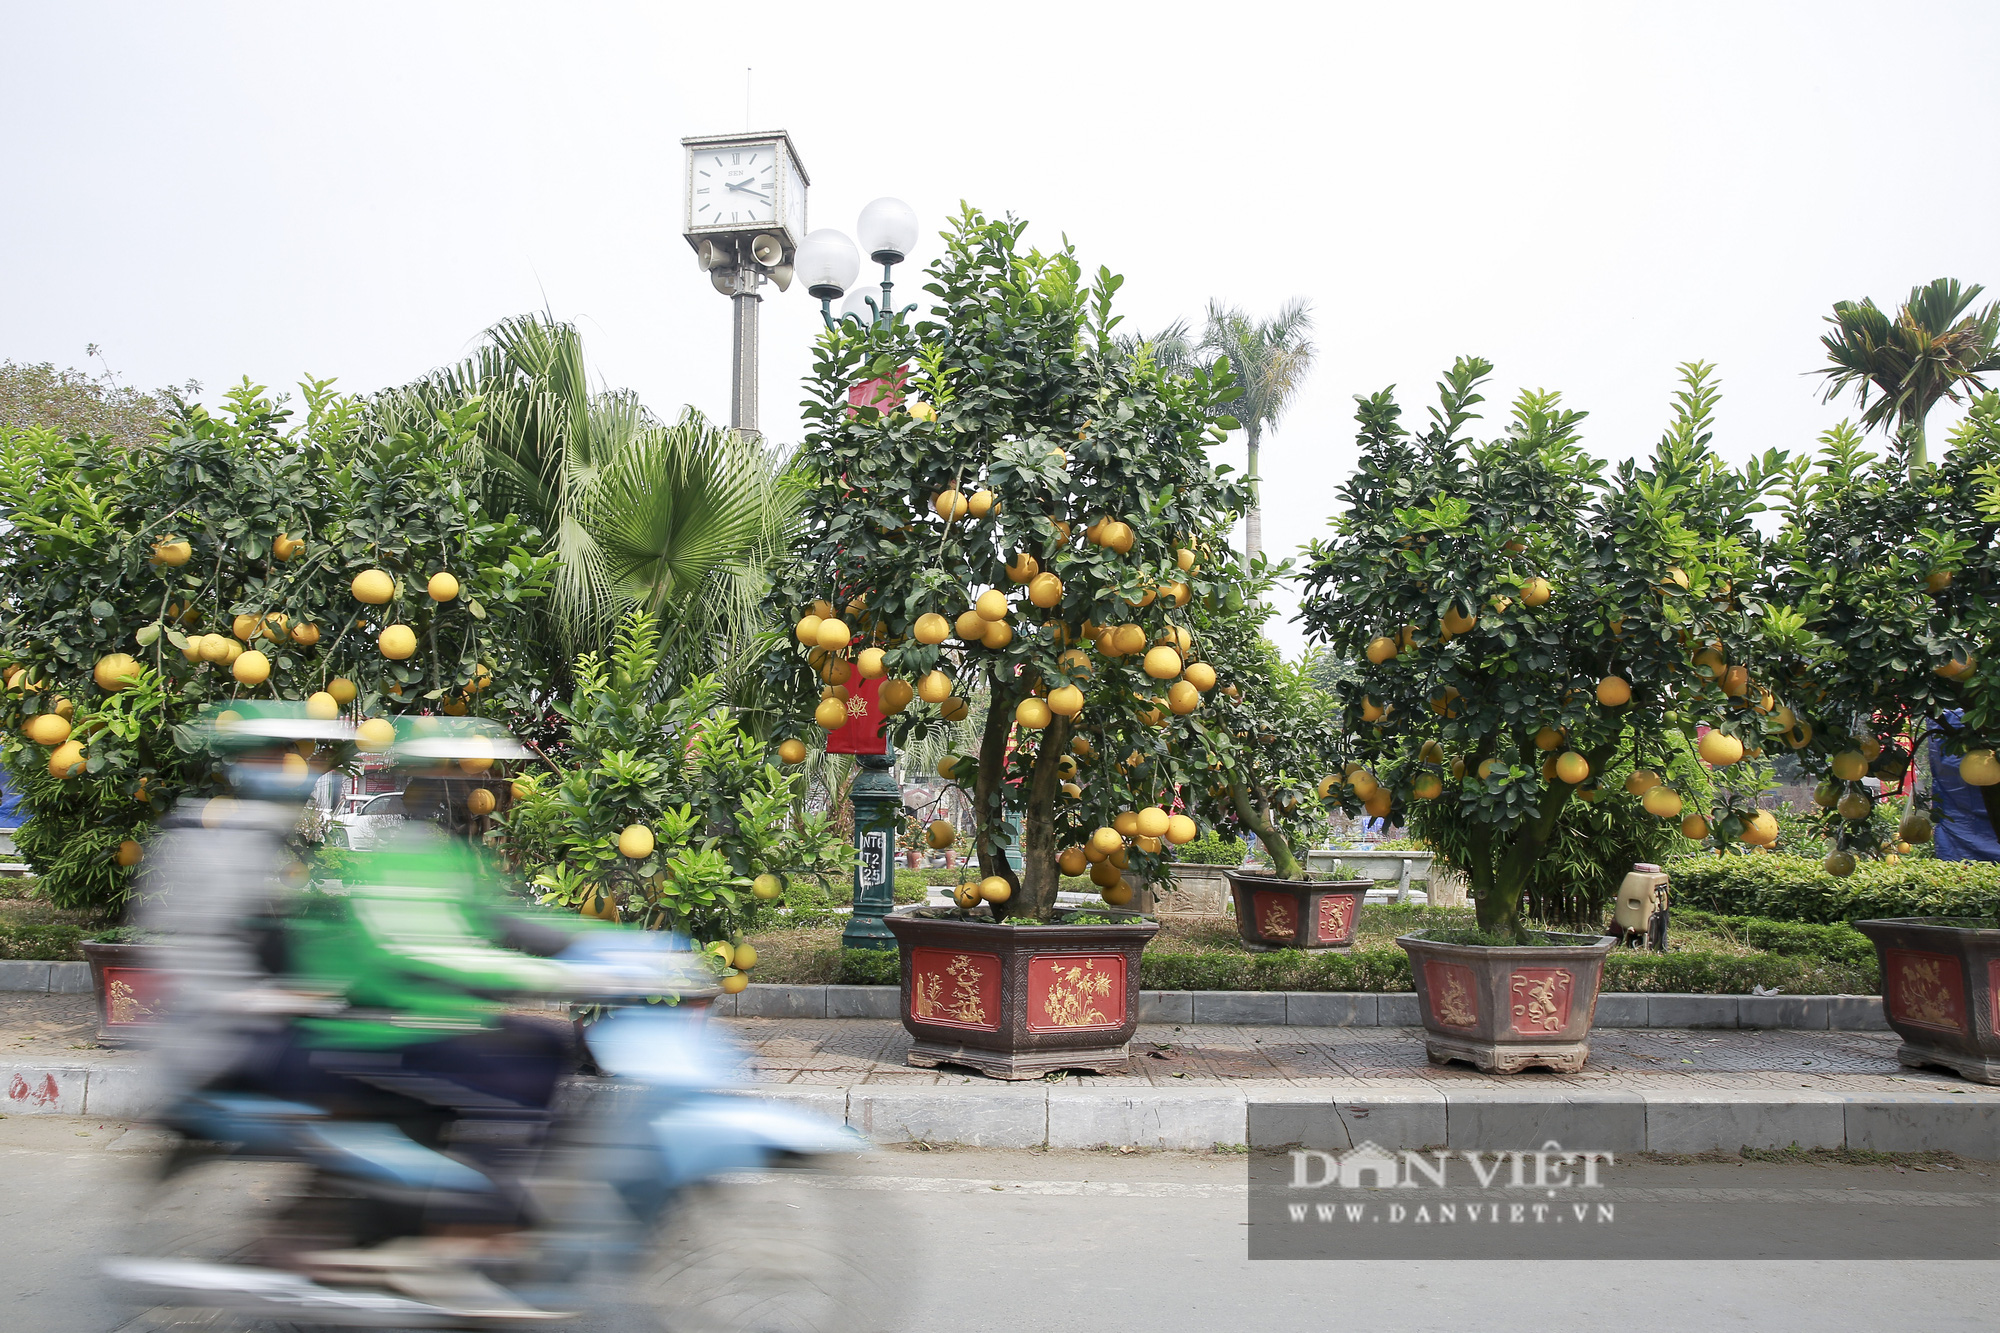 Bưởi cảnh trĩu quả giá chục triệu xuất hiện tại đường phố Hà Nội - Ảnh 1.